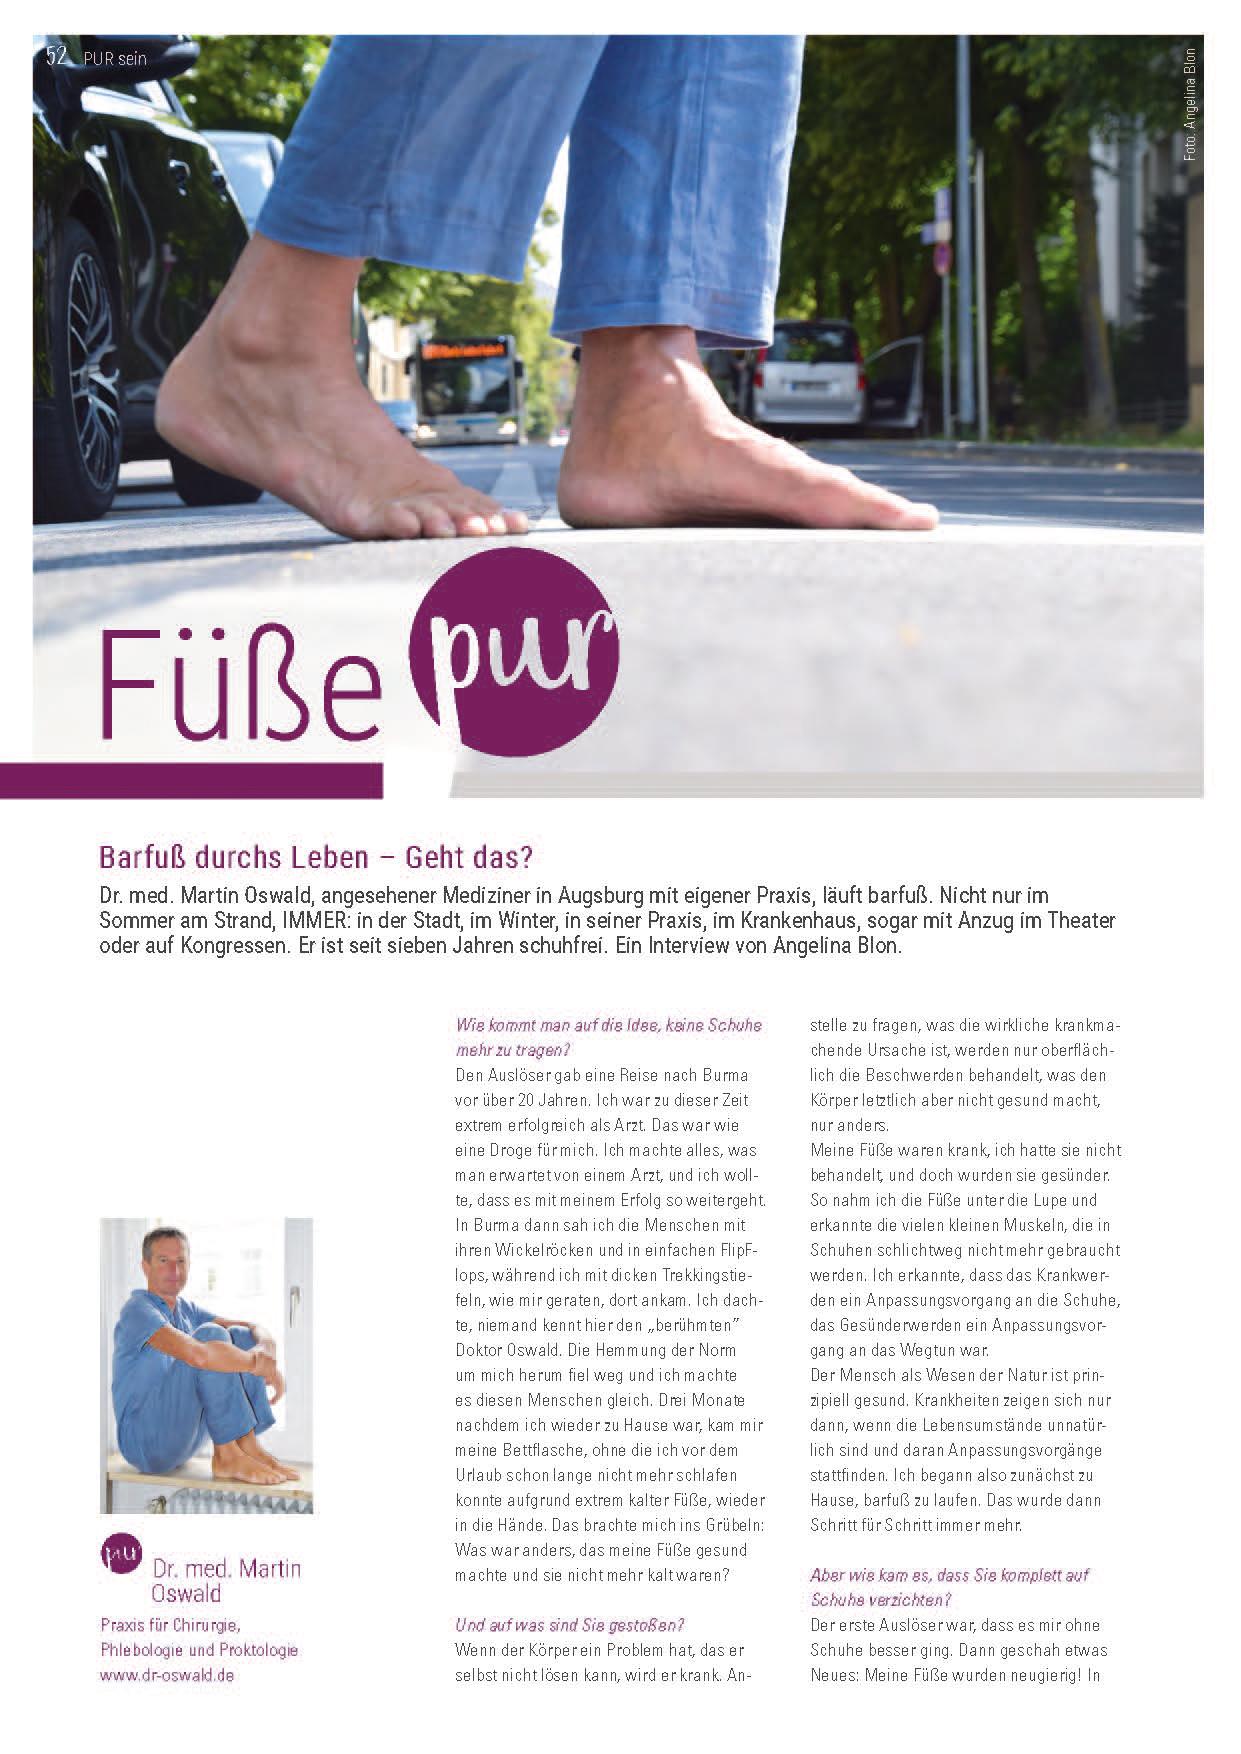 Artikel Fuß